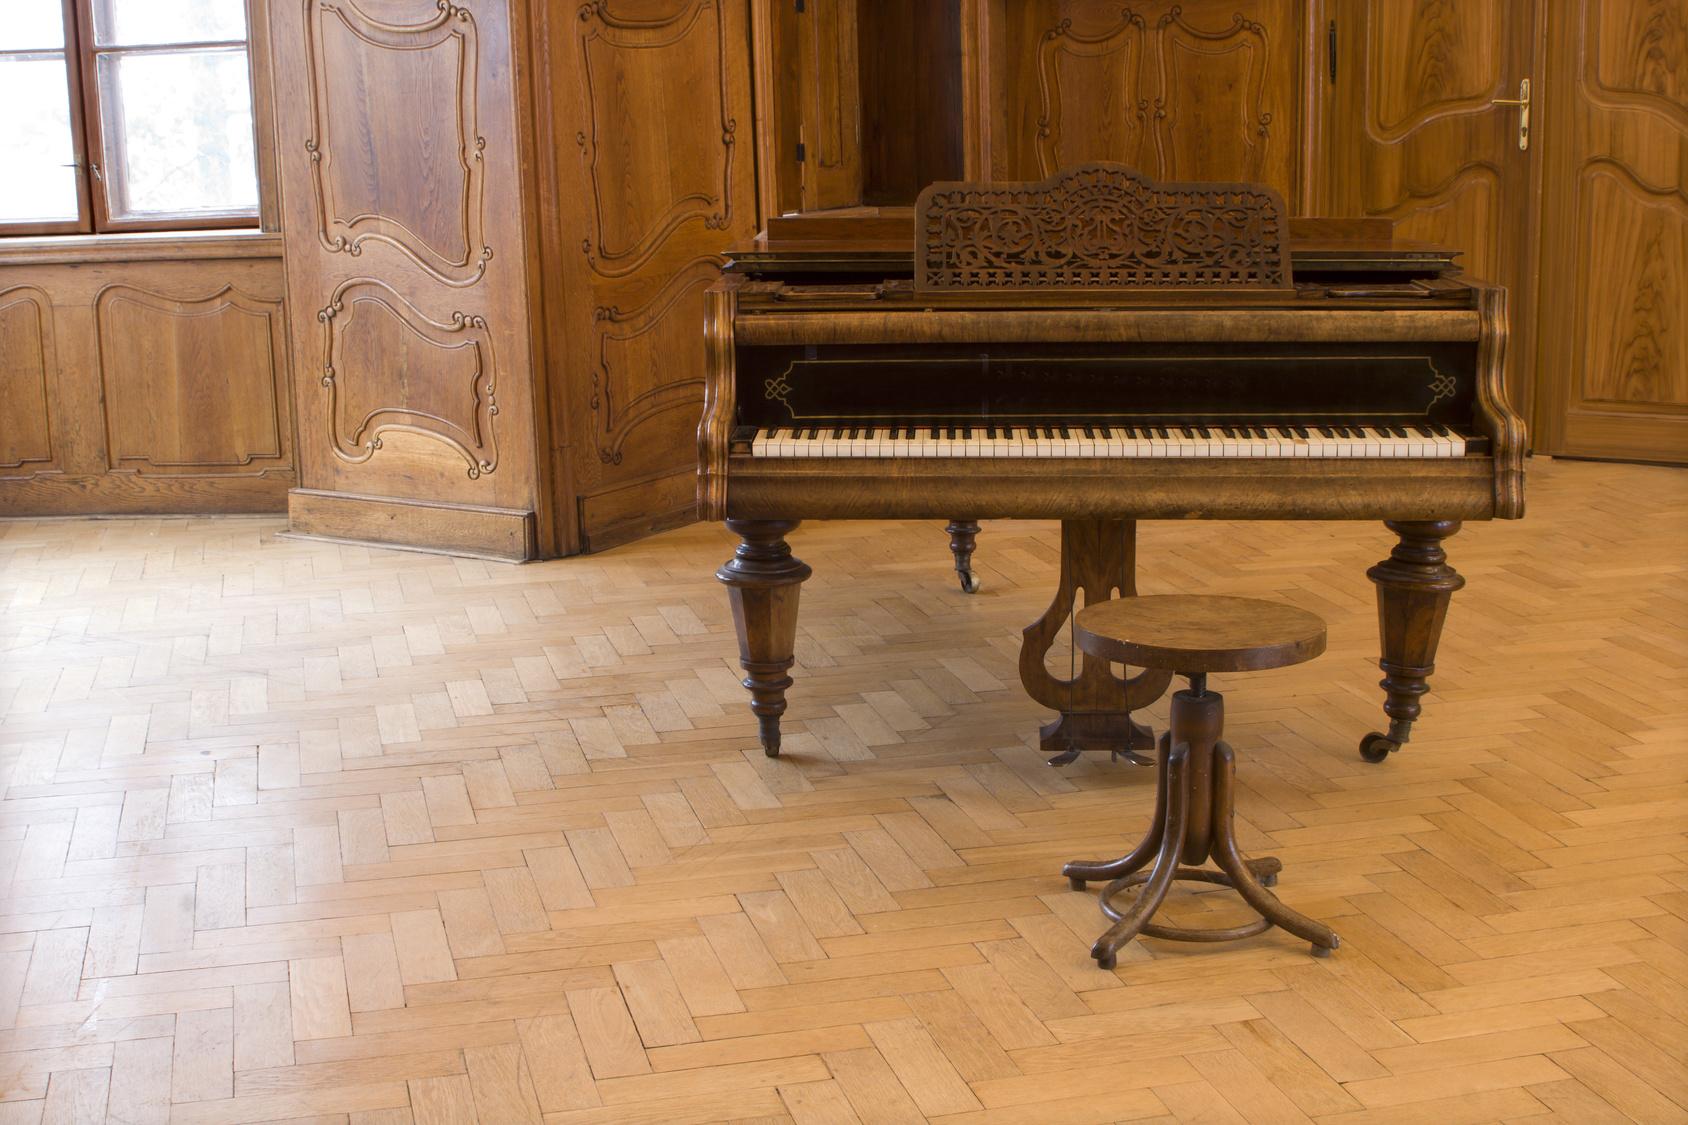 ピアノの誕生とその歴史を知る〜第2回【19世紀】